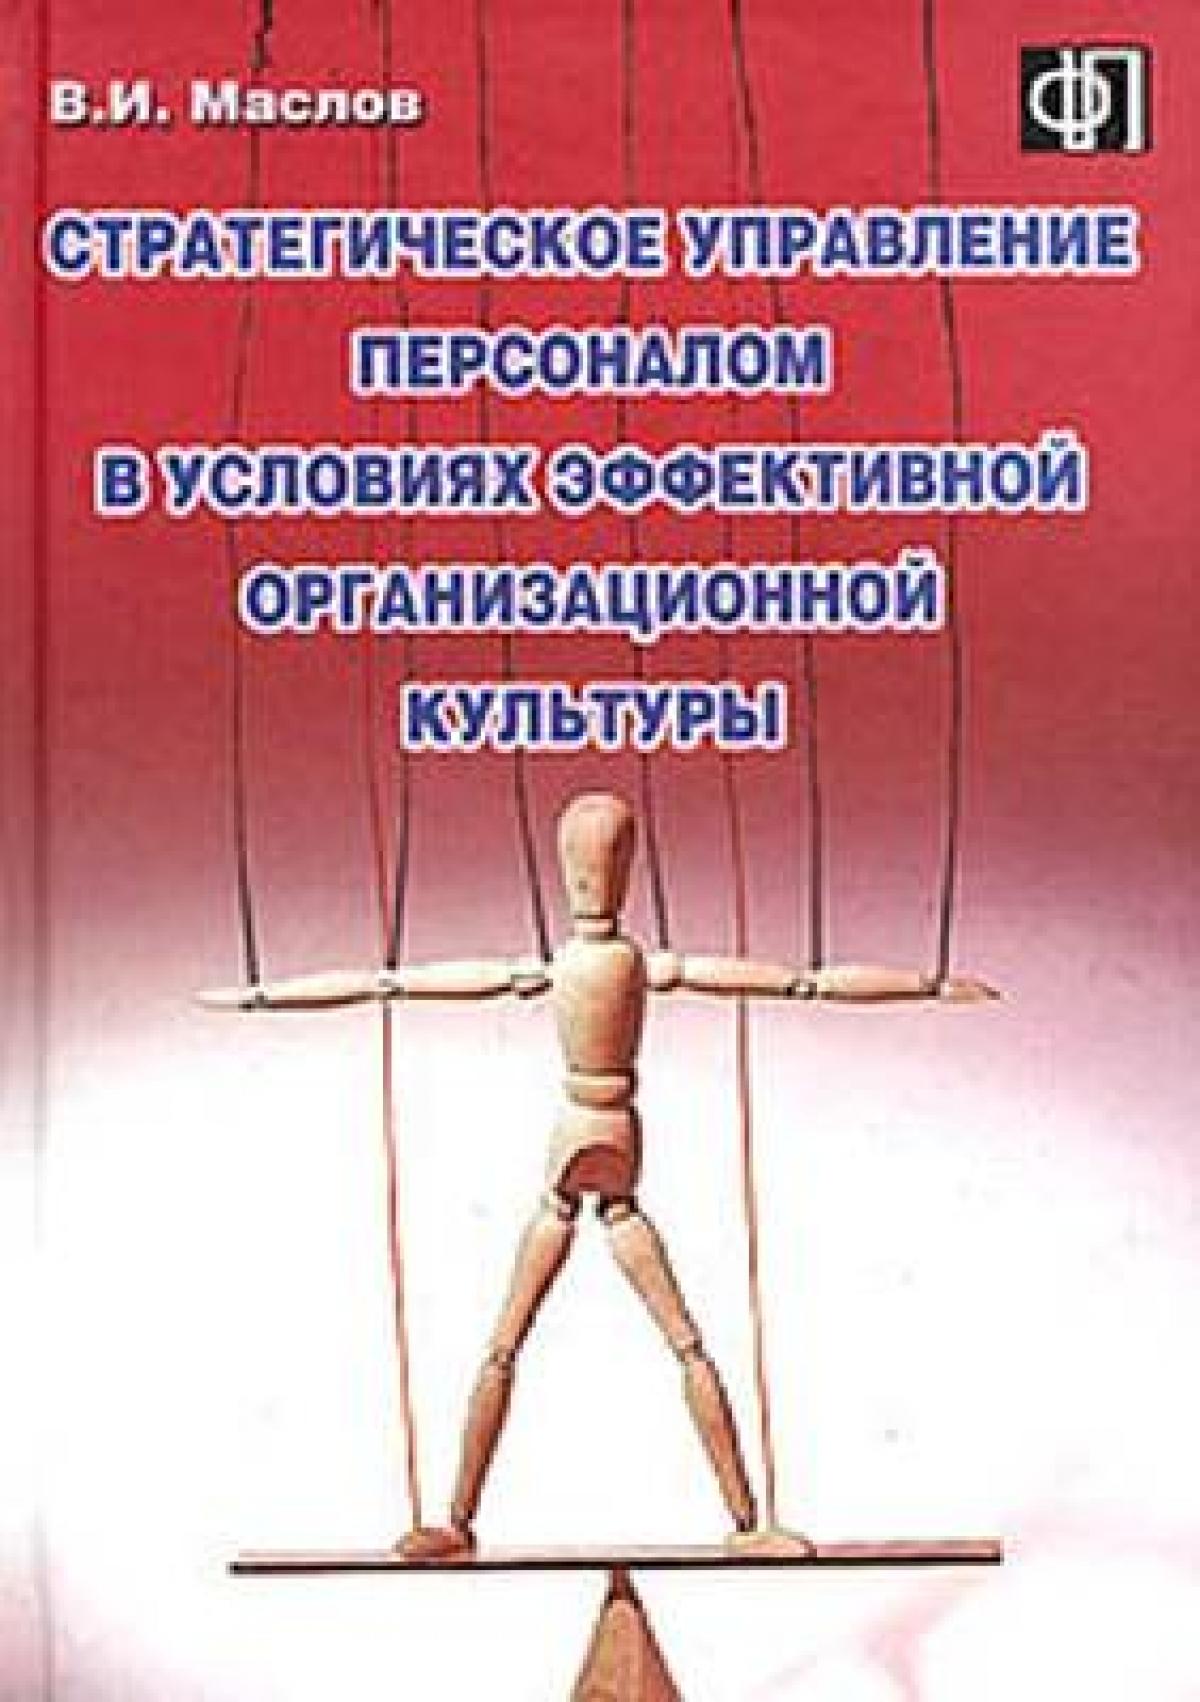 Обложка книги:  маслов в.и. - стратегическое управление персоналом в xxi веке